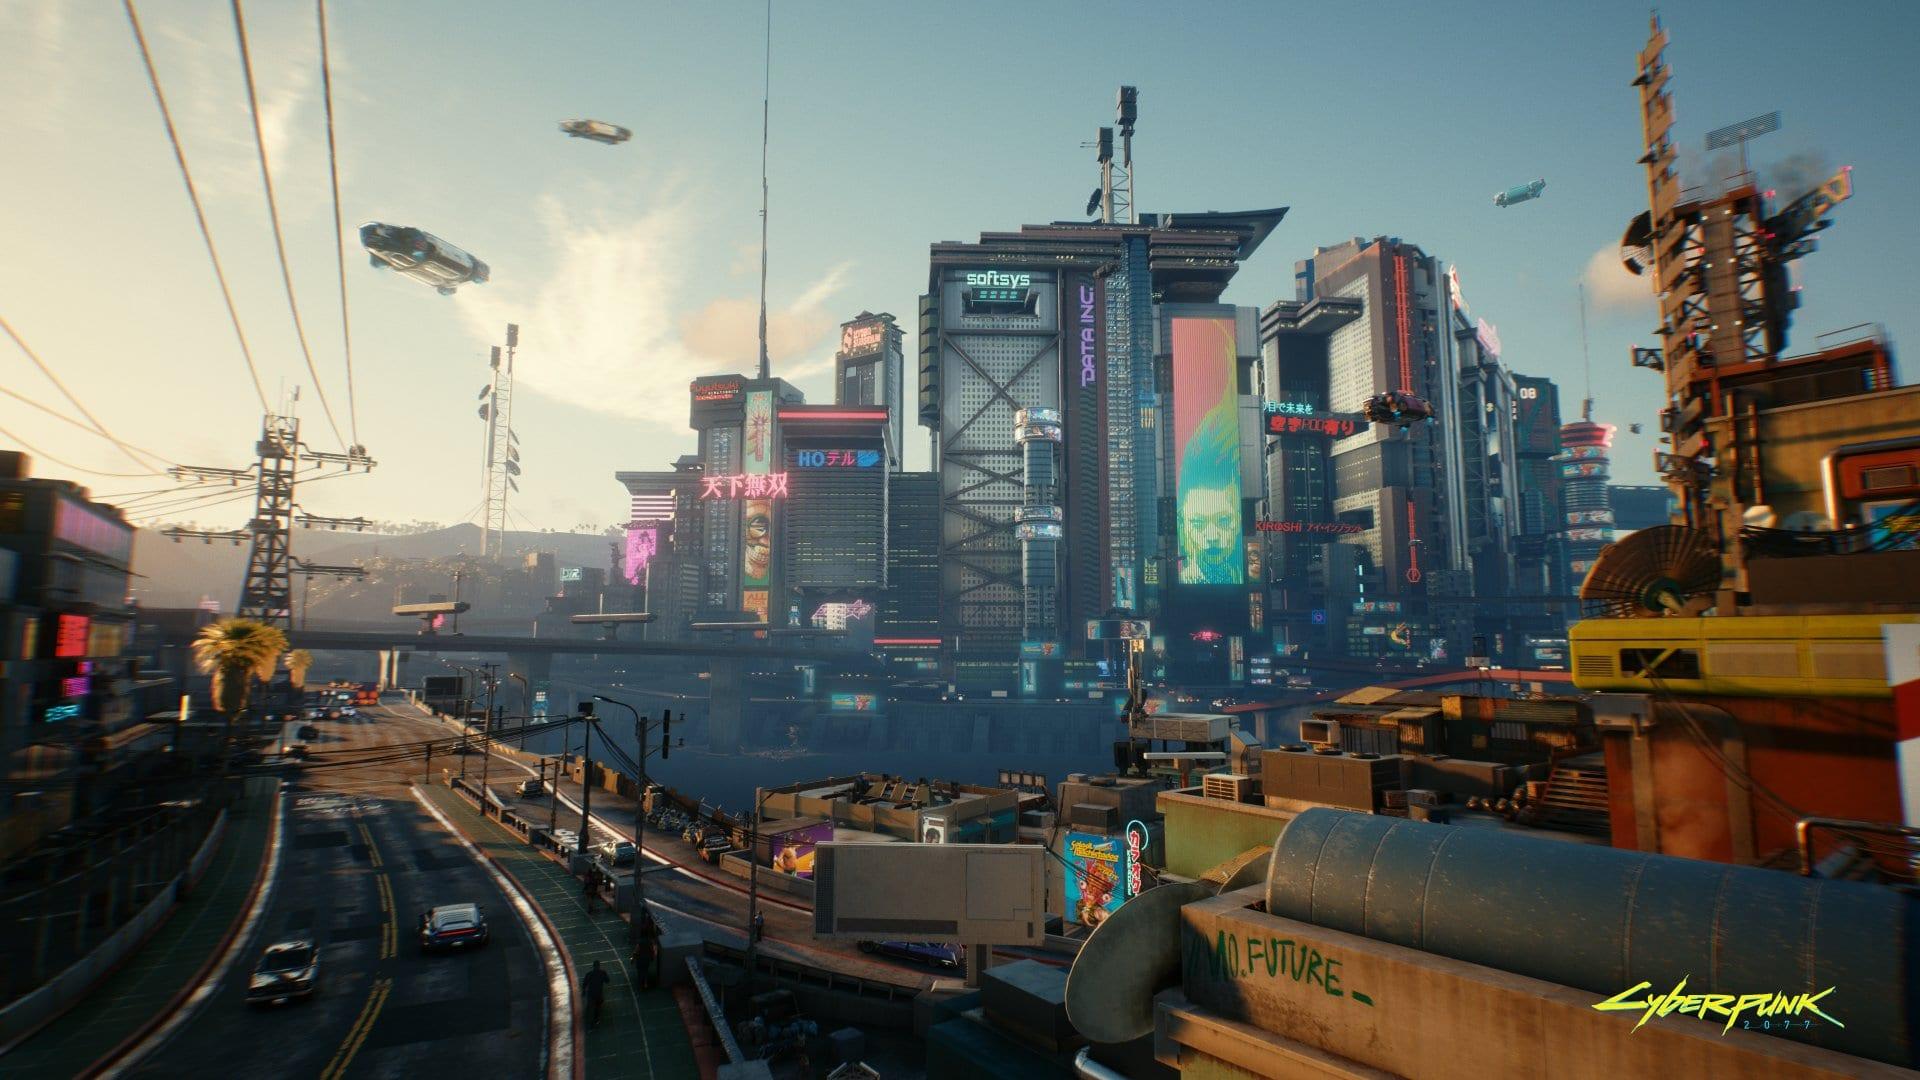 cyberpunk 2077 controls